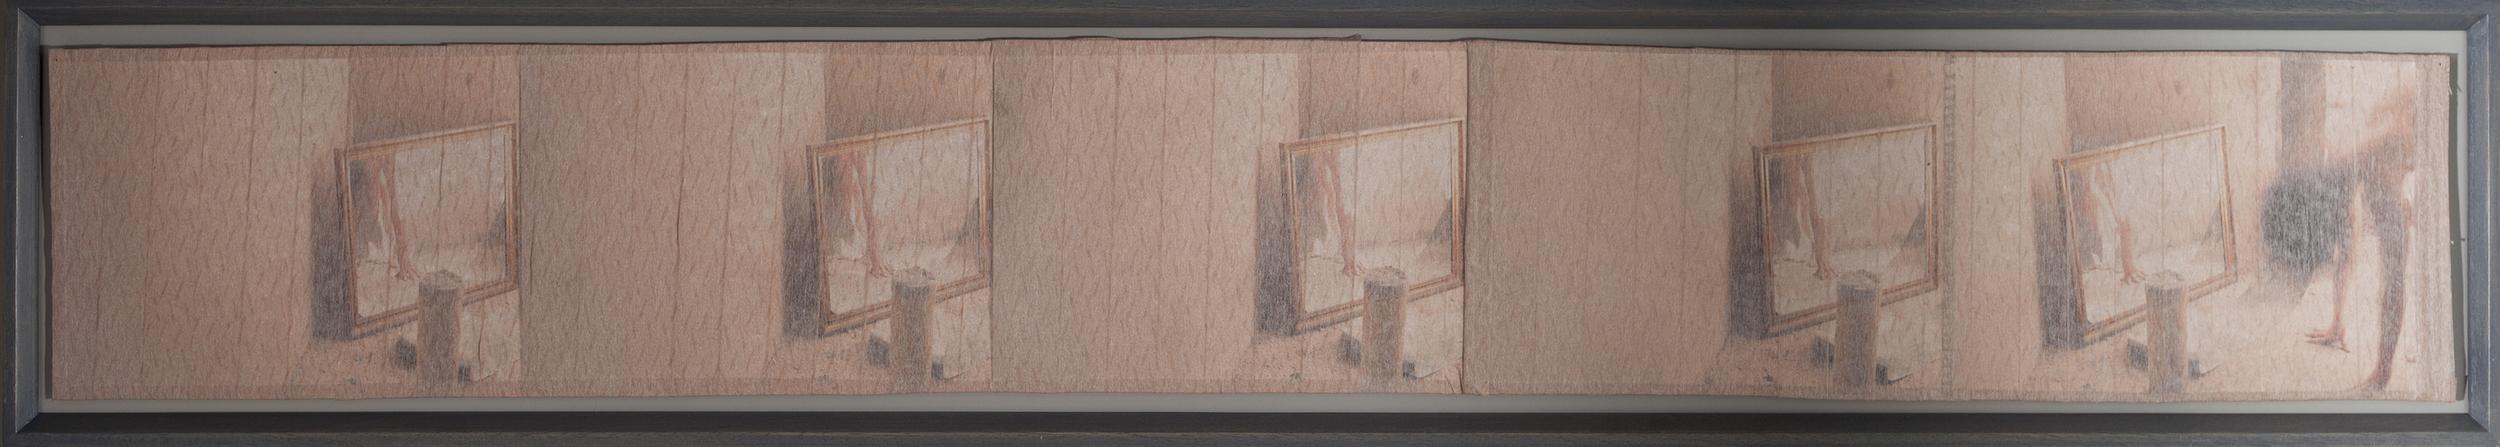 Dissolving | 8x10 prints, microcpore, thread | 22 x 133cm